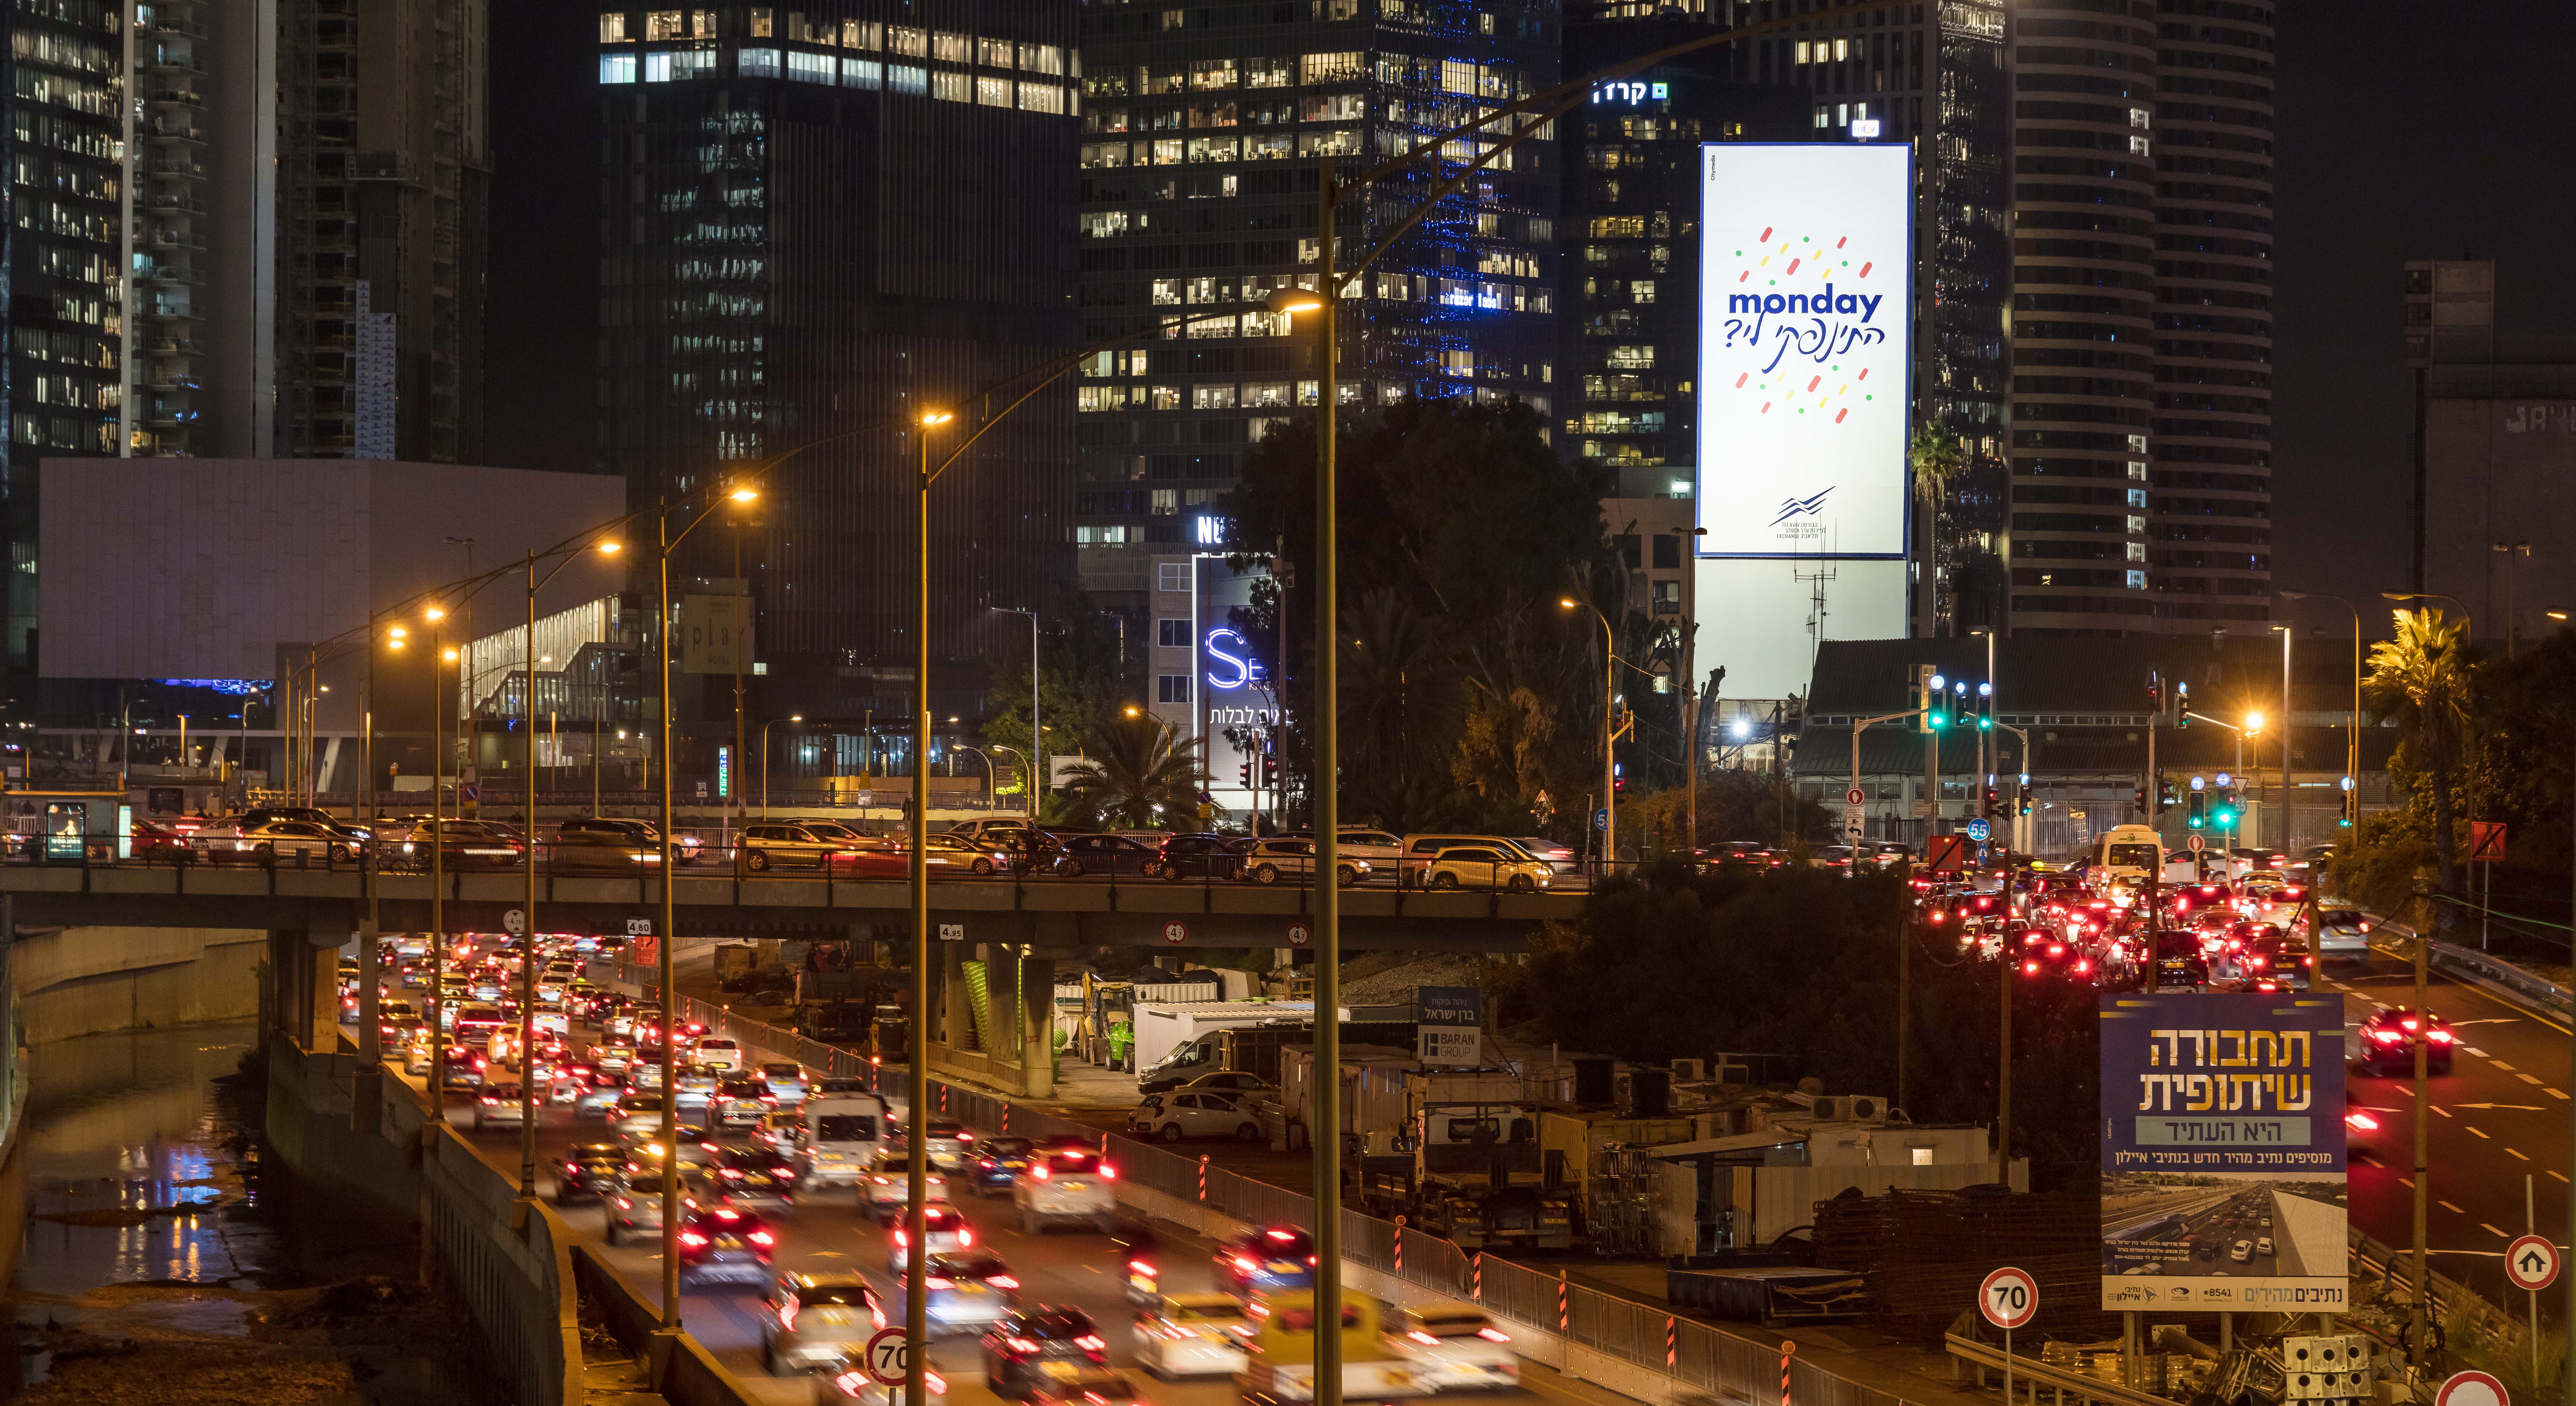 """קמפיין הבורסה שנועד למשוך חברות טכנולוגיה להיסחר בת""""א / צילום: גיא זידל"""